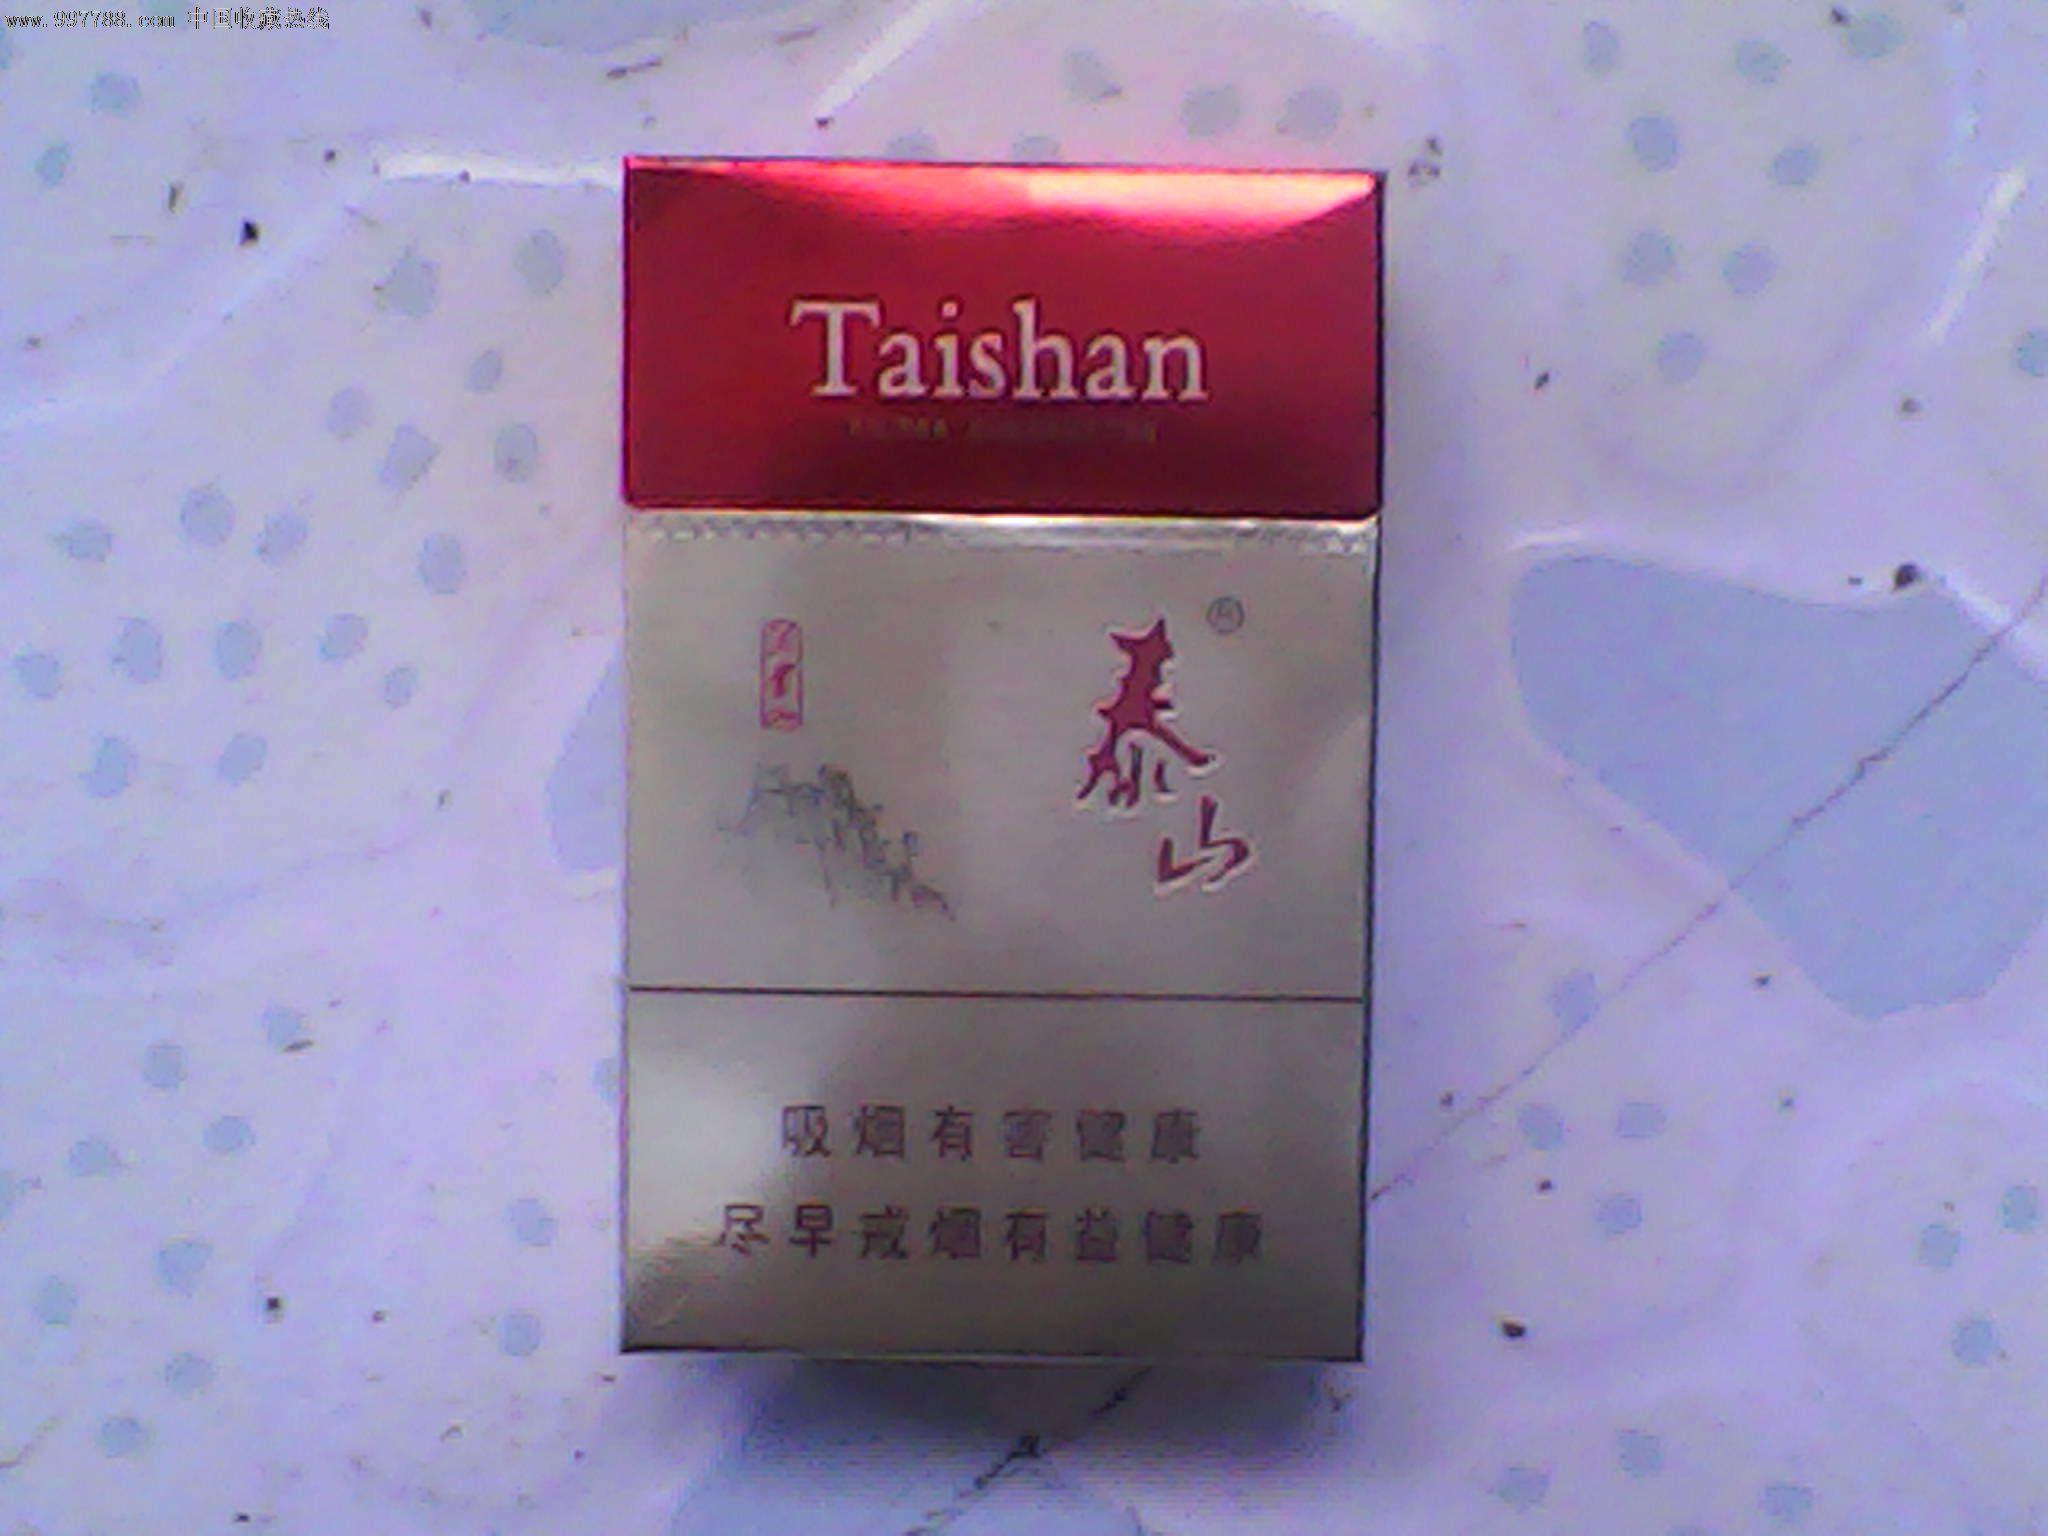 沂蒙山(2012新,有泰山字样)_烟标/烟盒_钱币交流